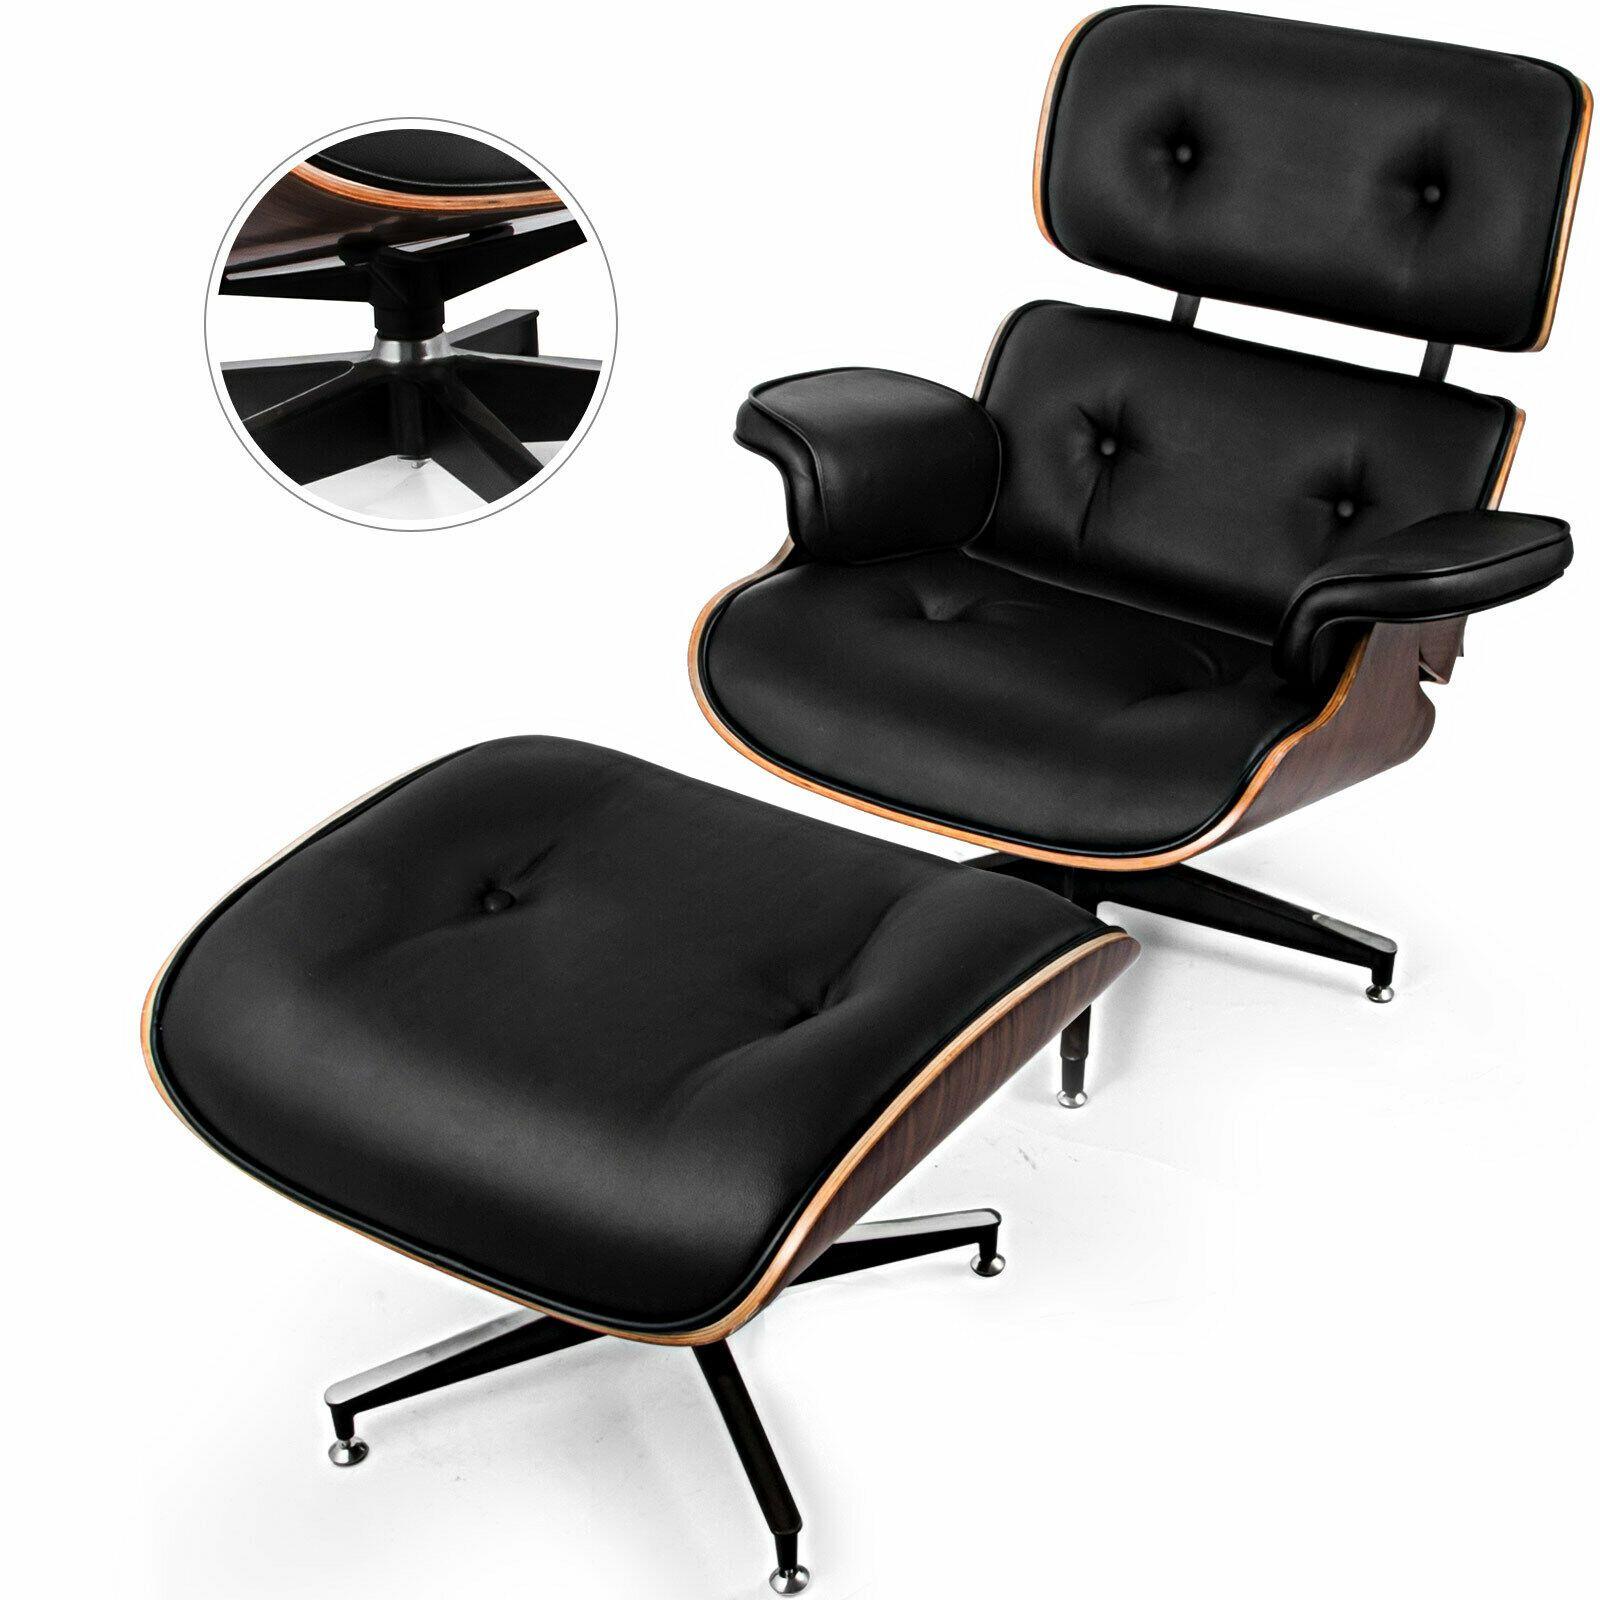 Eames Lounge Chair Ottoman